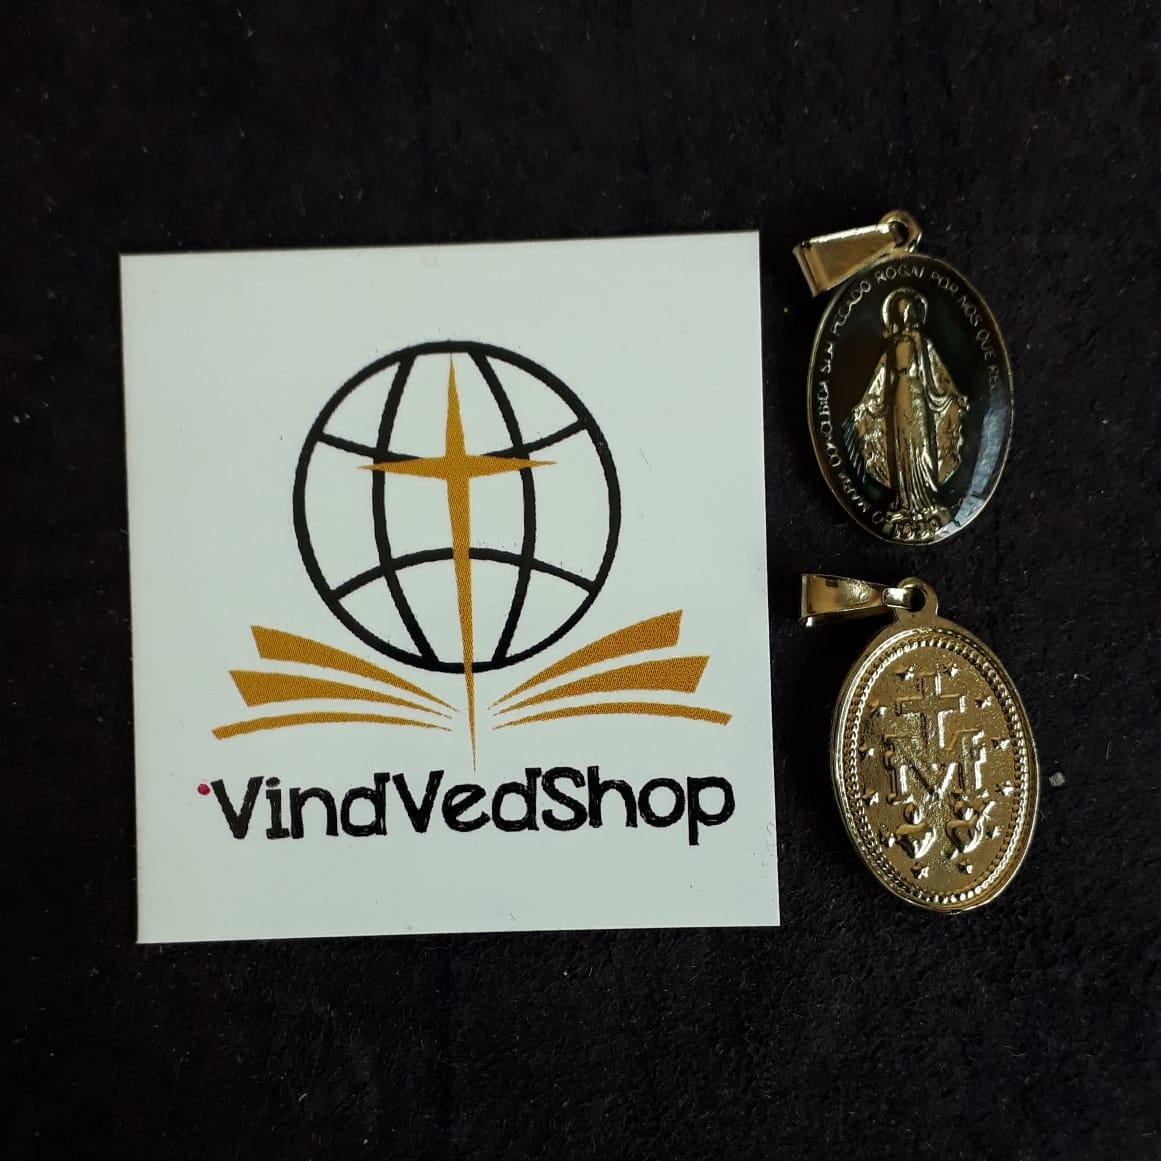 M10 - Medalha Nossa Senhora das Graças 18mm Resinada Dourada  - VindVedShop - Distribuidora Catolica